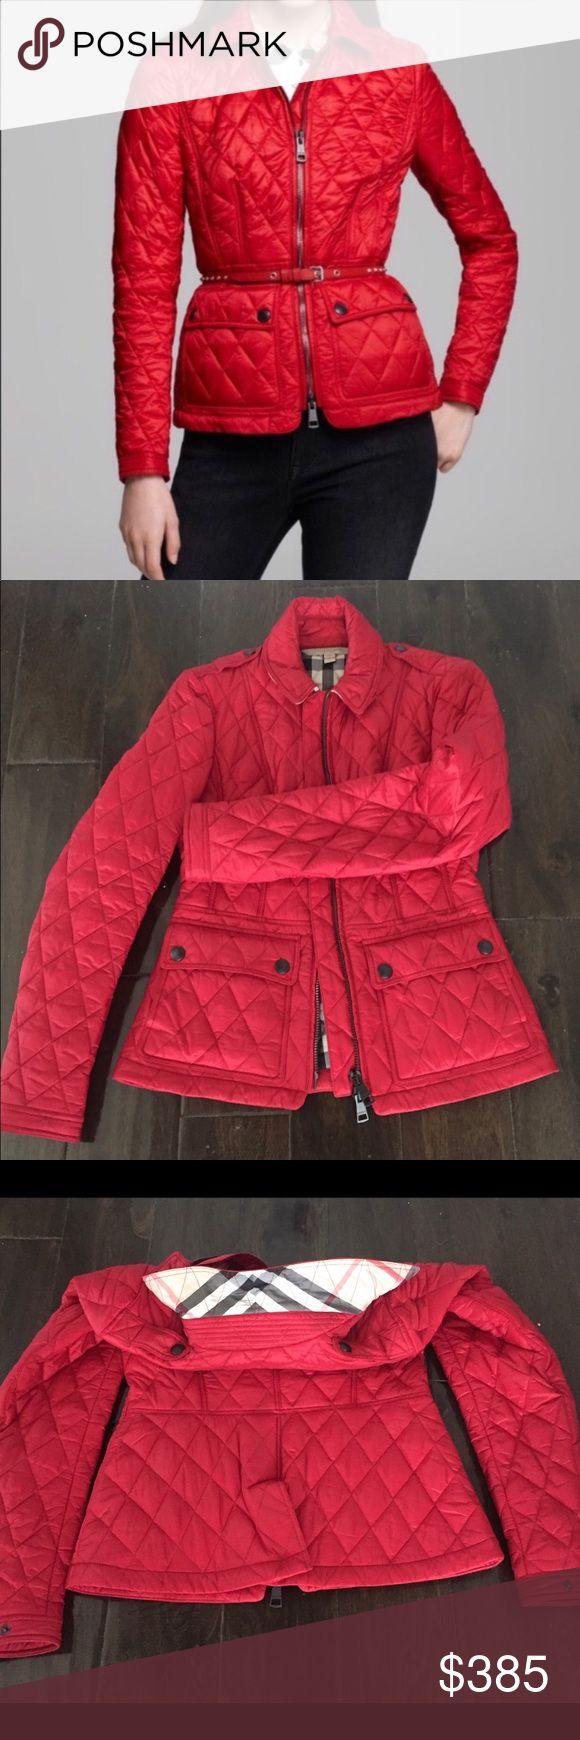 NWOT Burberry Brit Jacket NWOT Burberry Brit Jacket Burberry Jackets & Coats